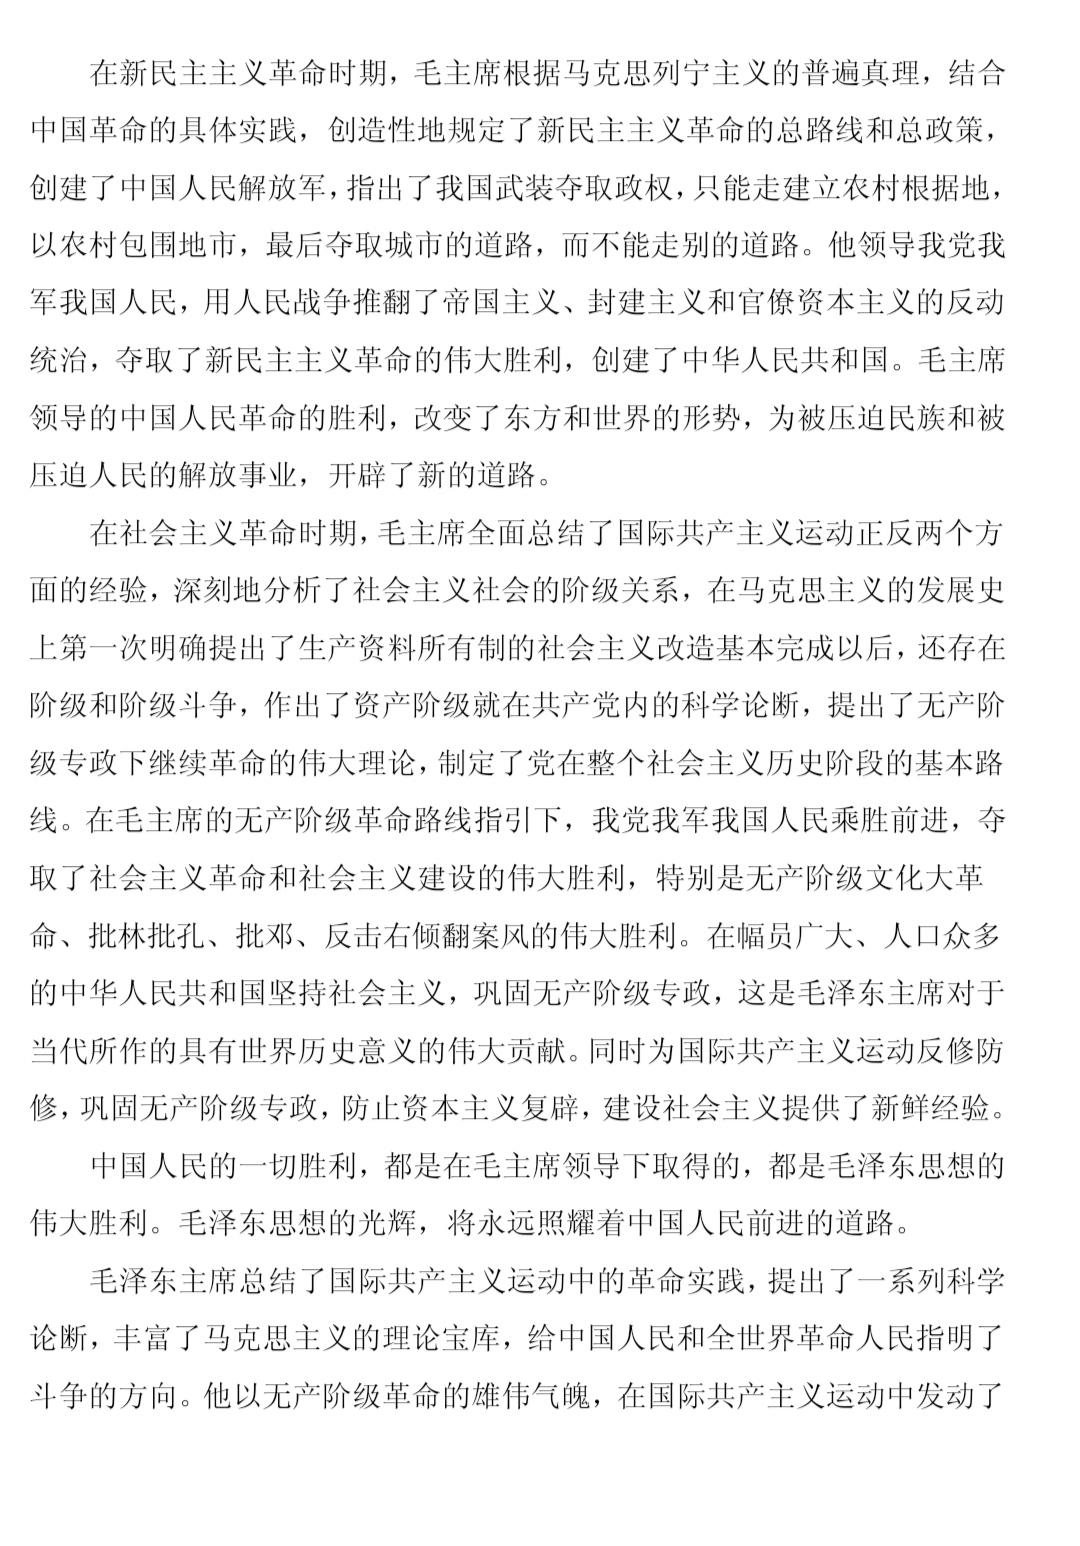 (伟大领袖毛主席逝世四十五周年)告全党全军全国各族人民书 3